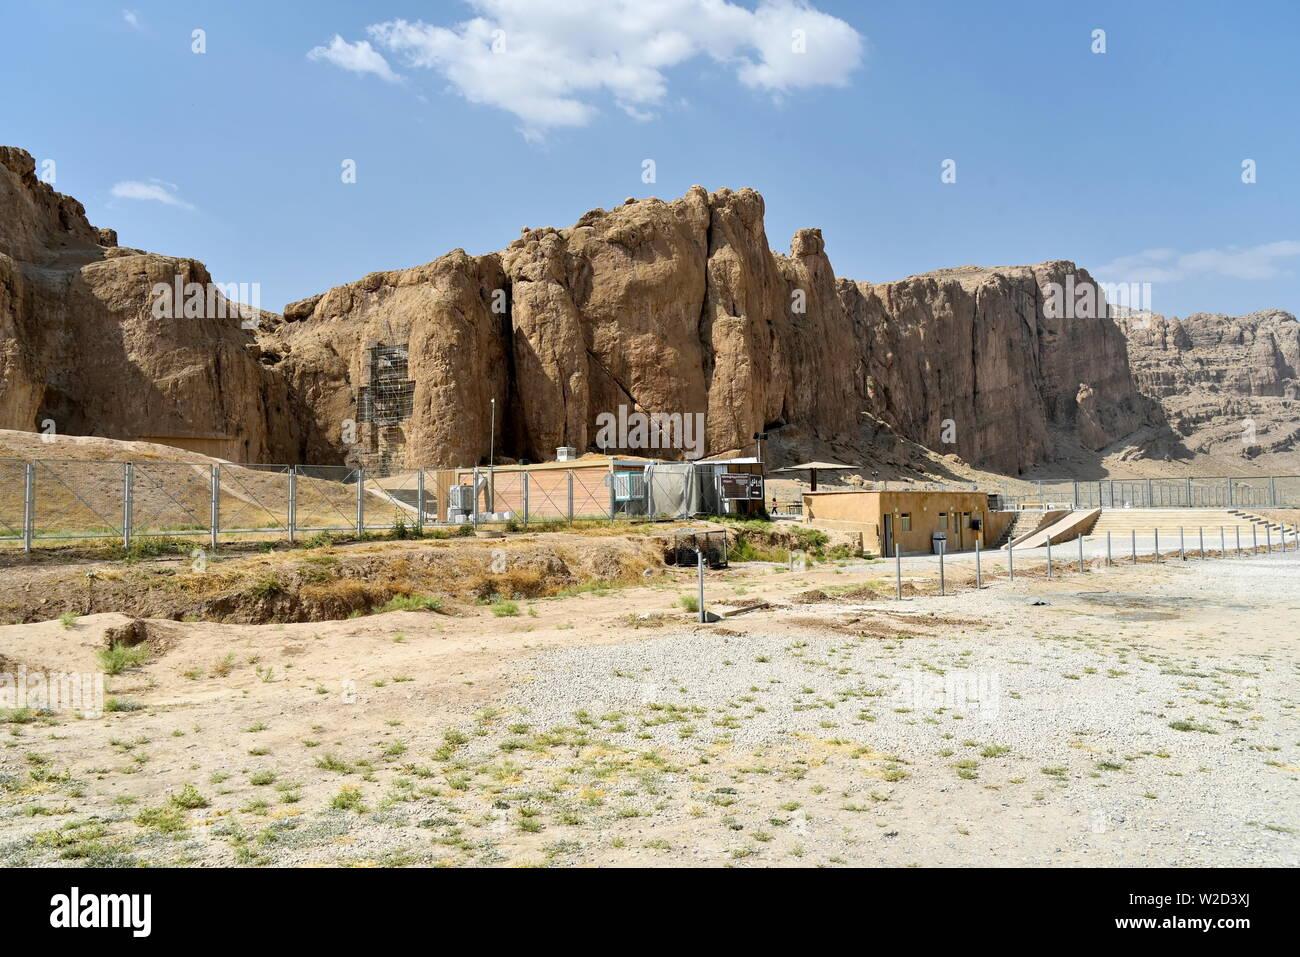 Naqsh-e Rostam, Shiraz, Fars Province, Iran, June 22, 2019, the view of Naqsh-e Rostam near the Shiraz City at the day - Stock Image